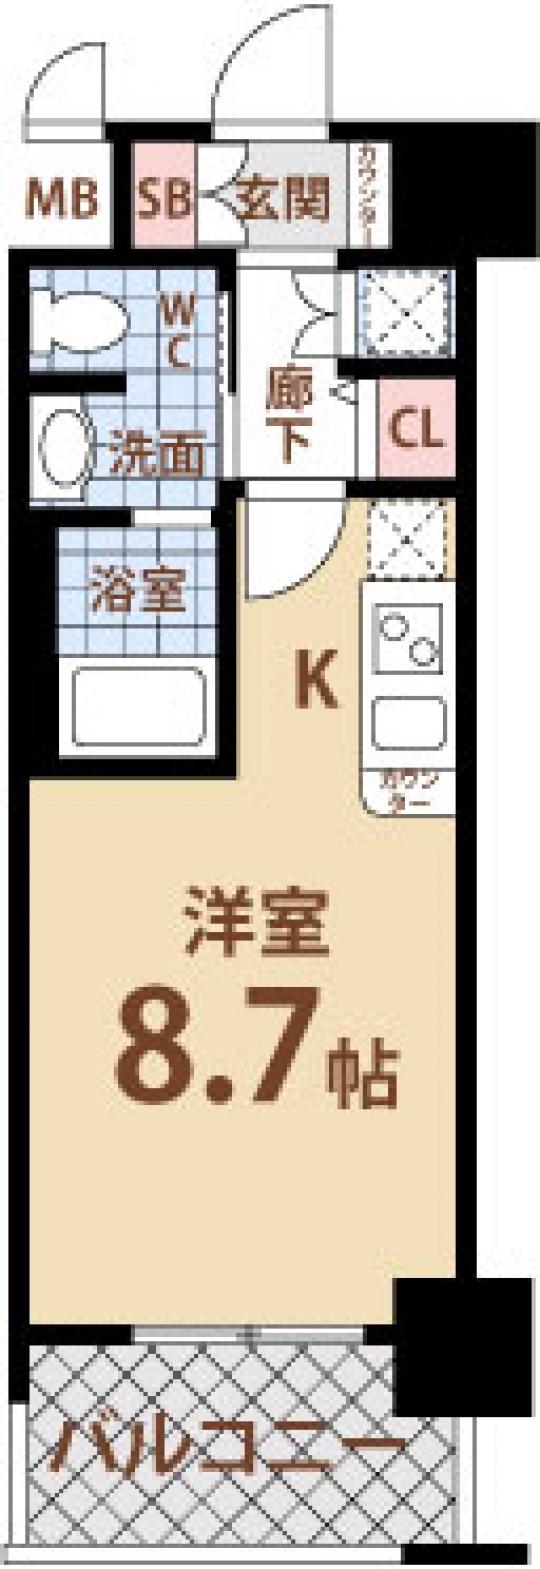 間取り図 - 阪神線&JR線も使えてしかも8.7帖!初期費用ご相談乗ります!} - ルームシェアルームメイト